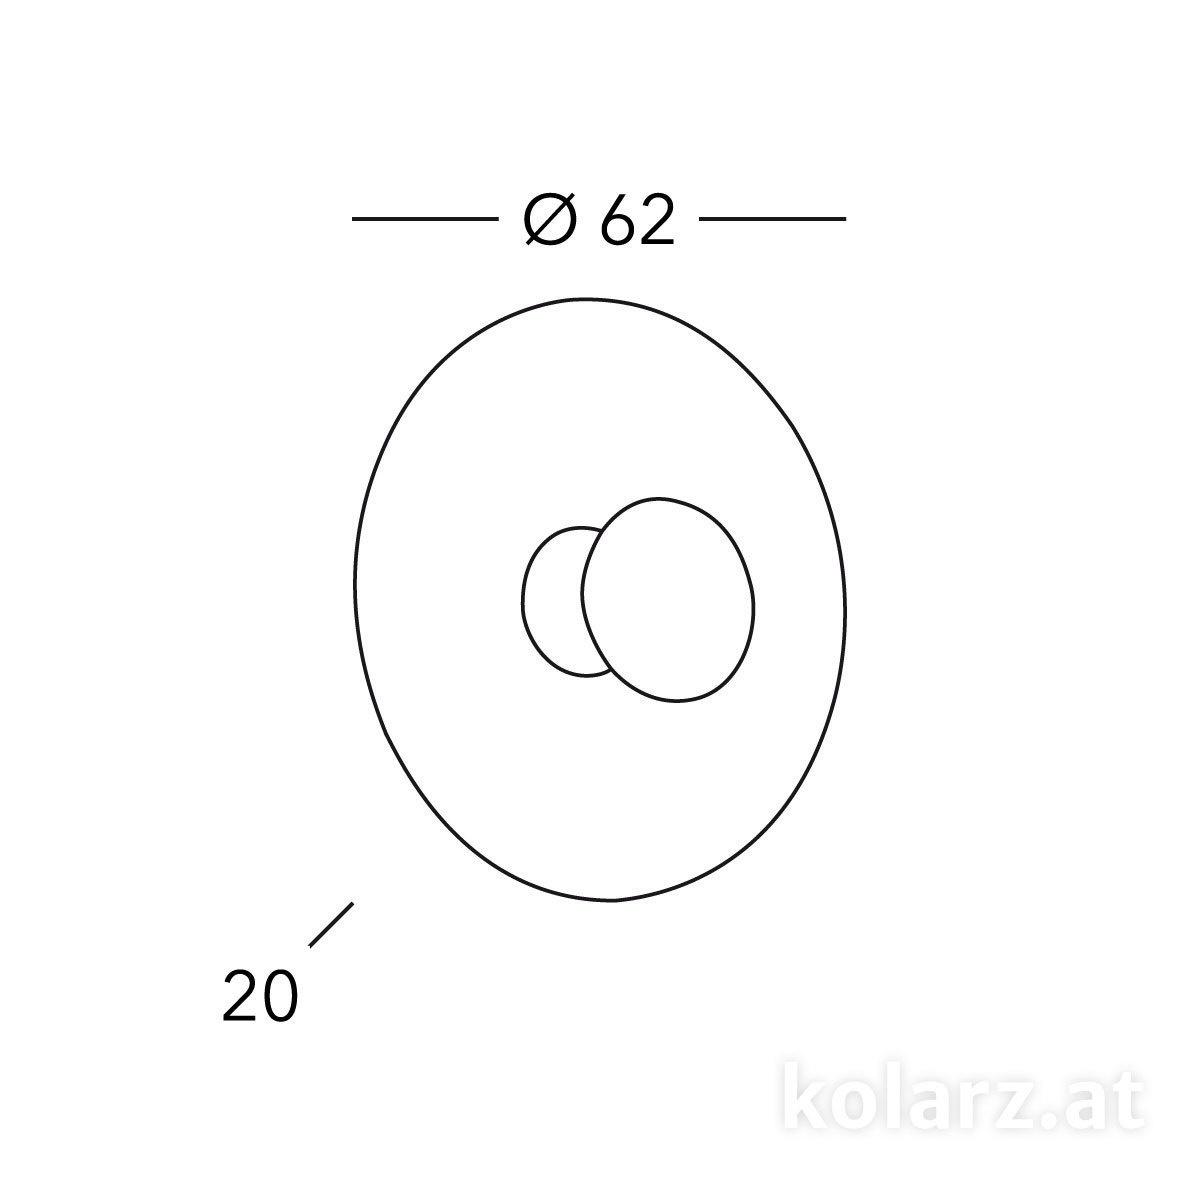 0423-61XL-V1-Wm-WA-s1.jpg